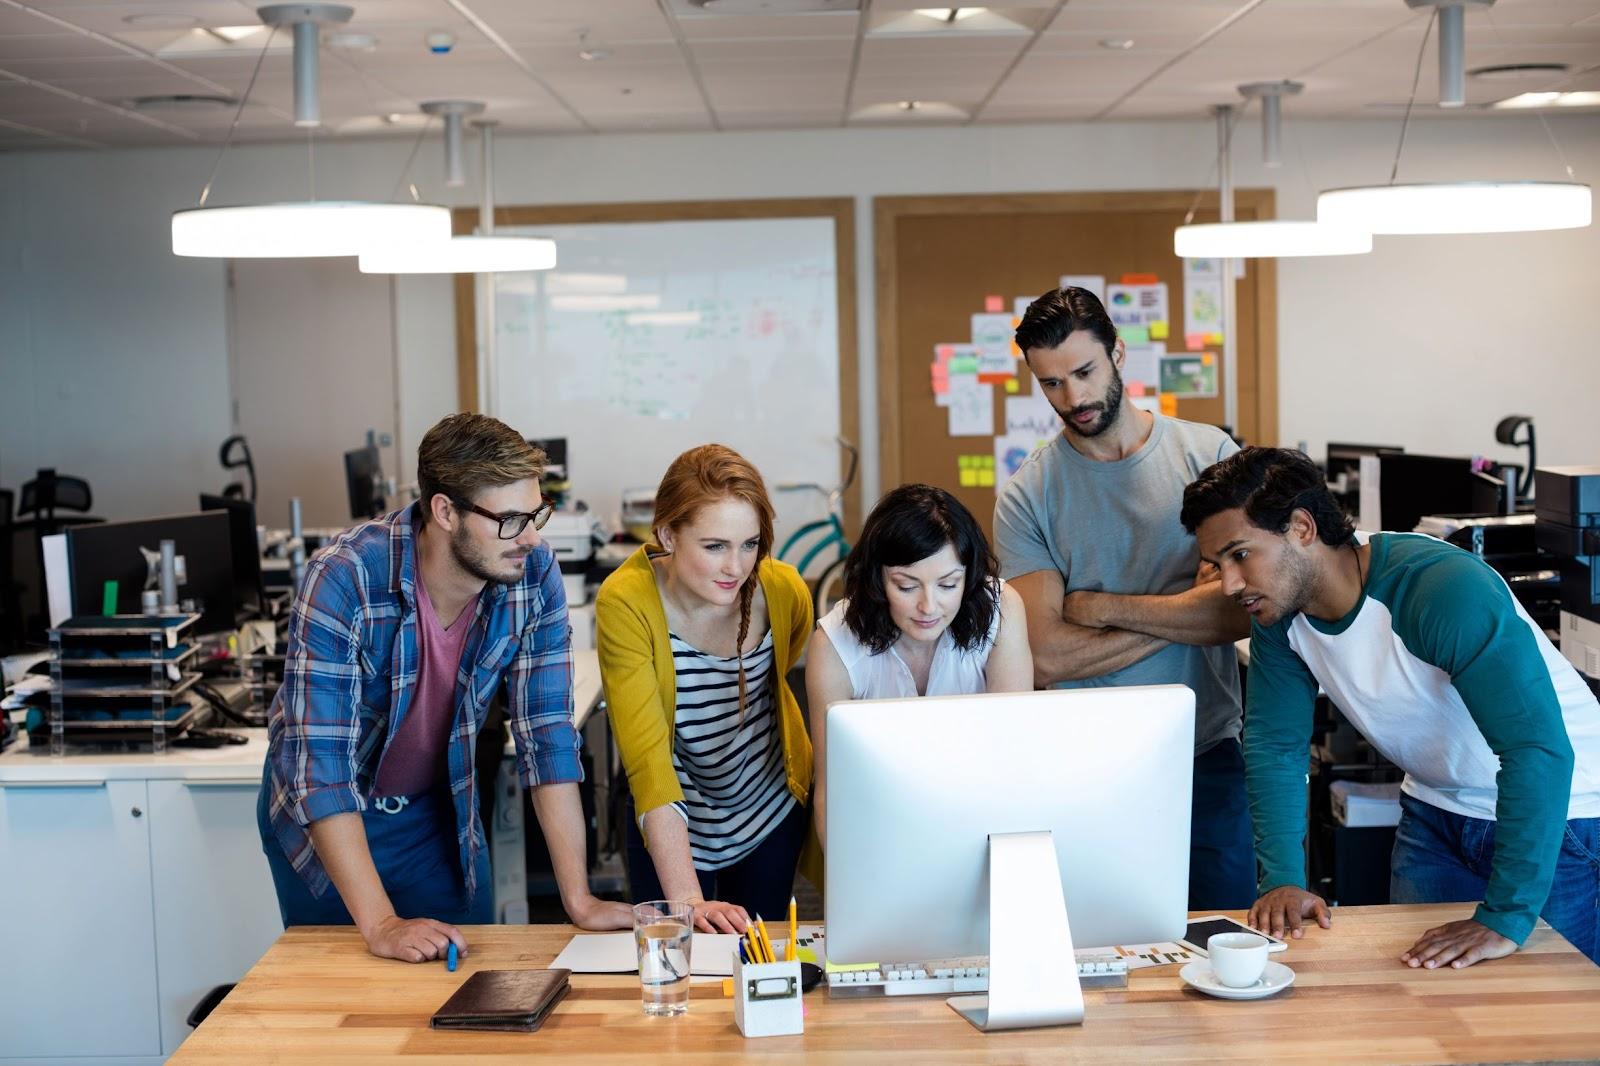 Foto de 5 pessoas, duas mulheres e três homens, todos jovens, em frente à uma tela de computador, demonstrando o trabalho em conjunto realizado por meio de metodologias ágeis.